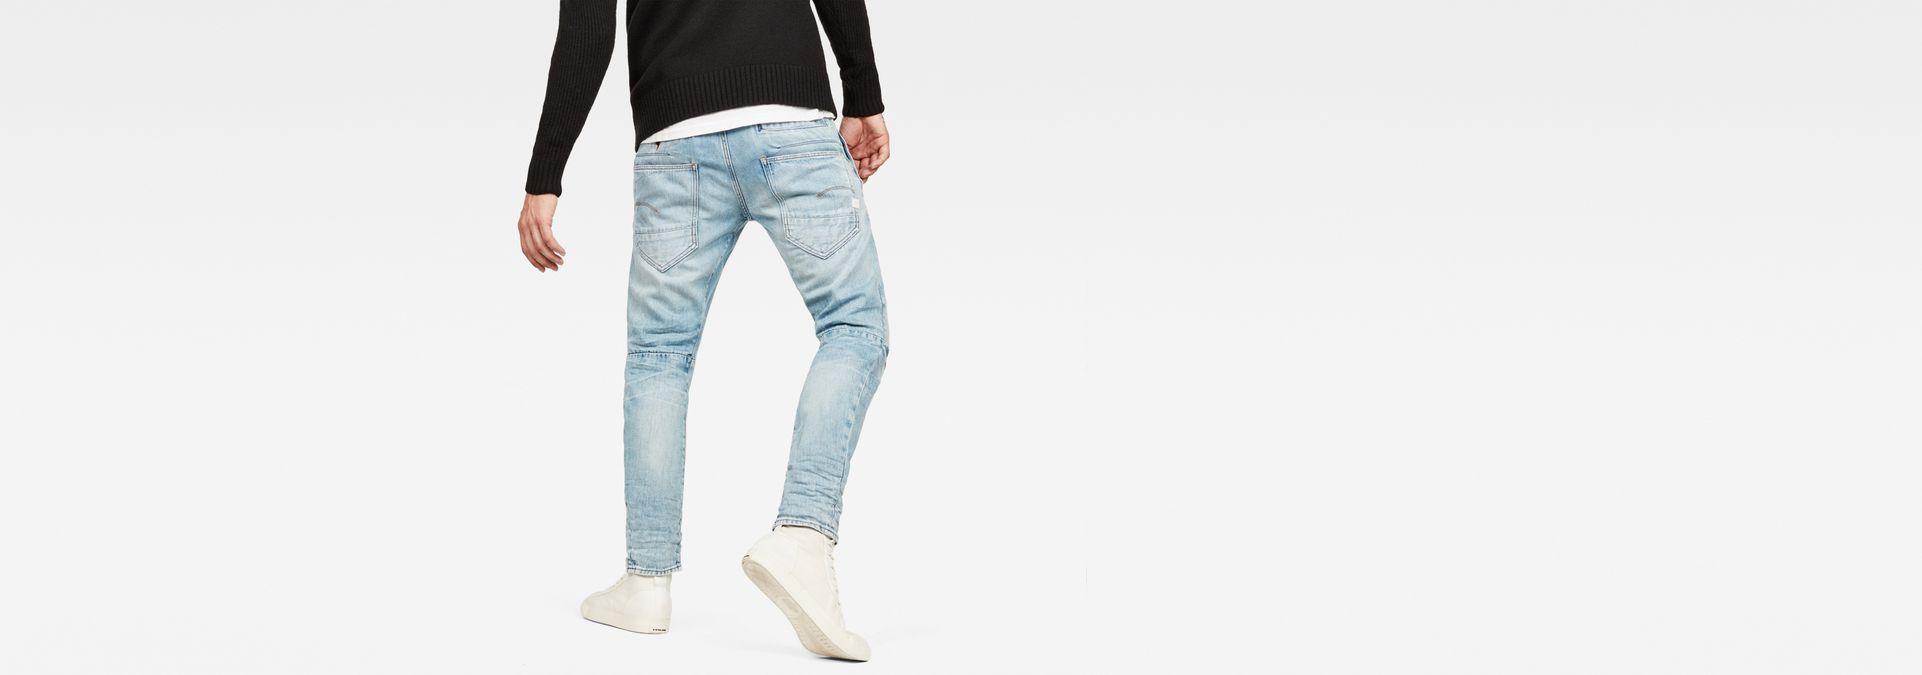 66438d69665 ... G-Star RAW® D-Staq 3D Tapered 3D-Restored Jeans Light blue ...